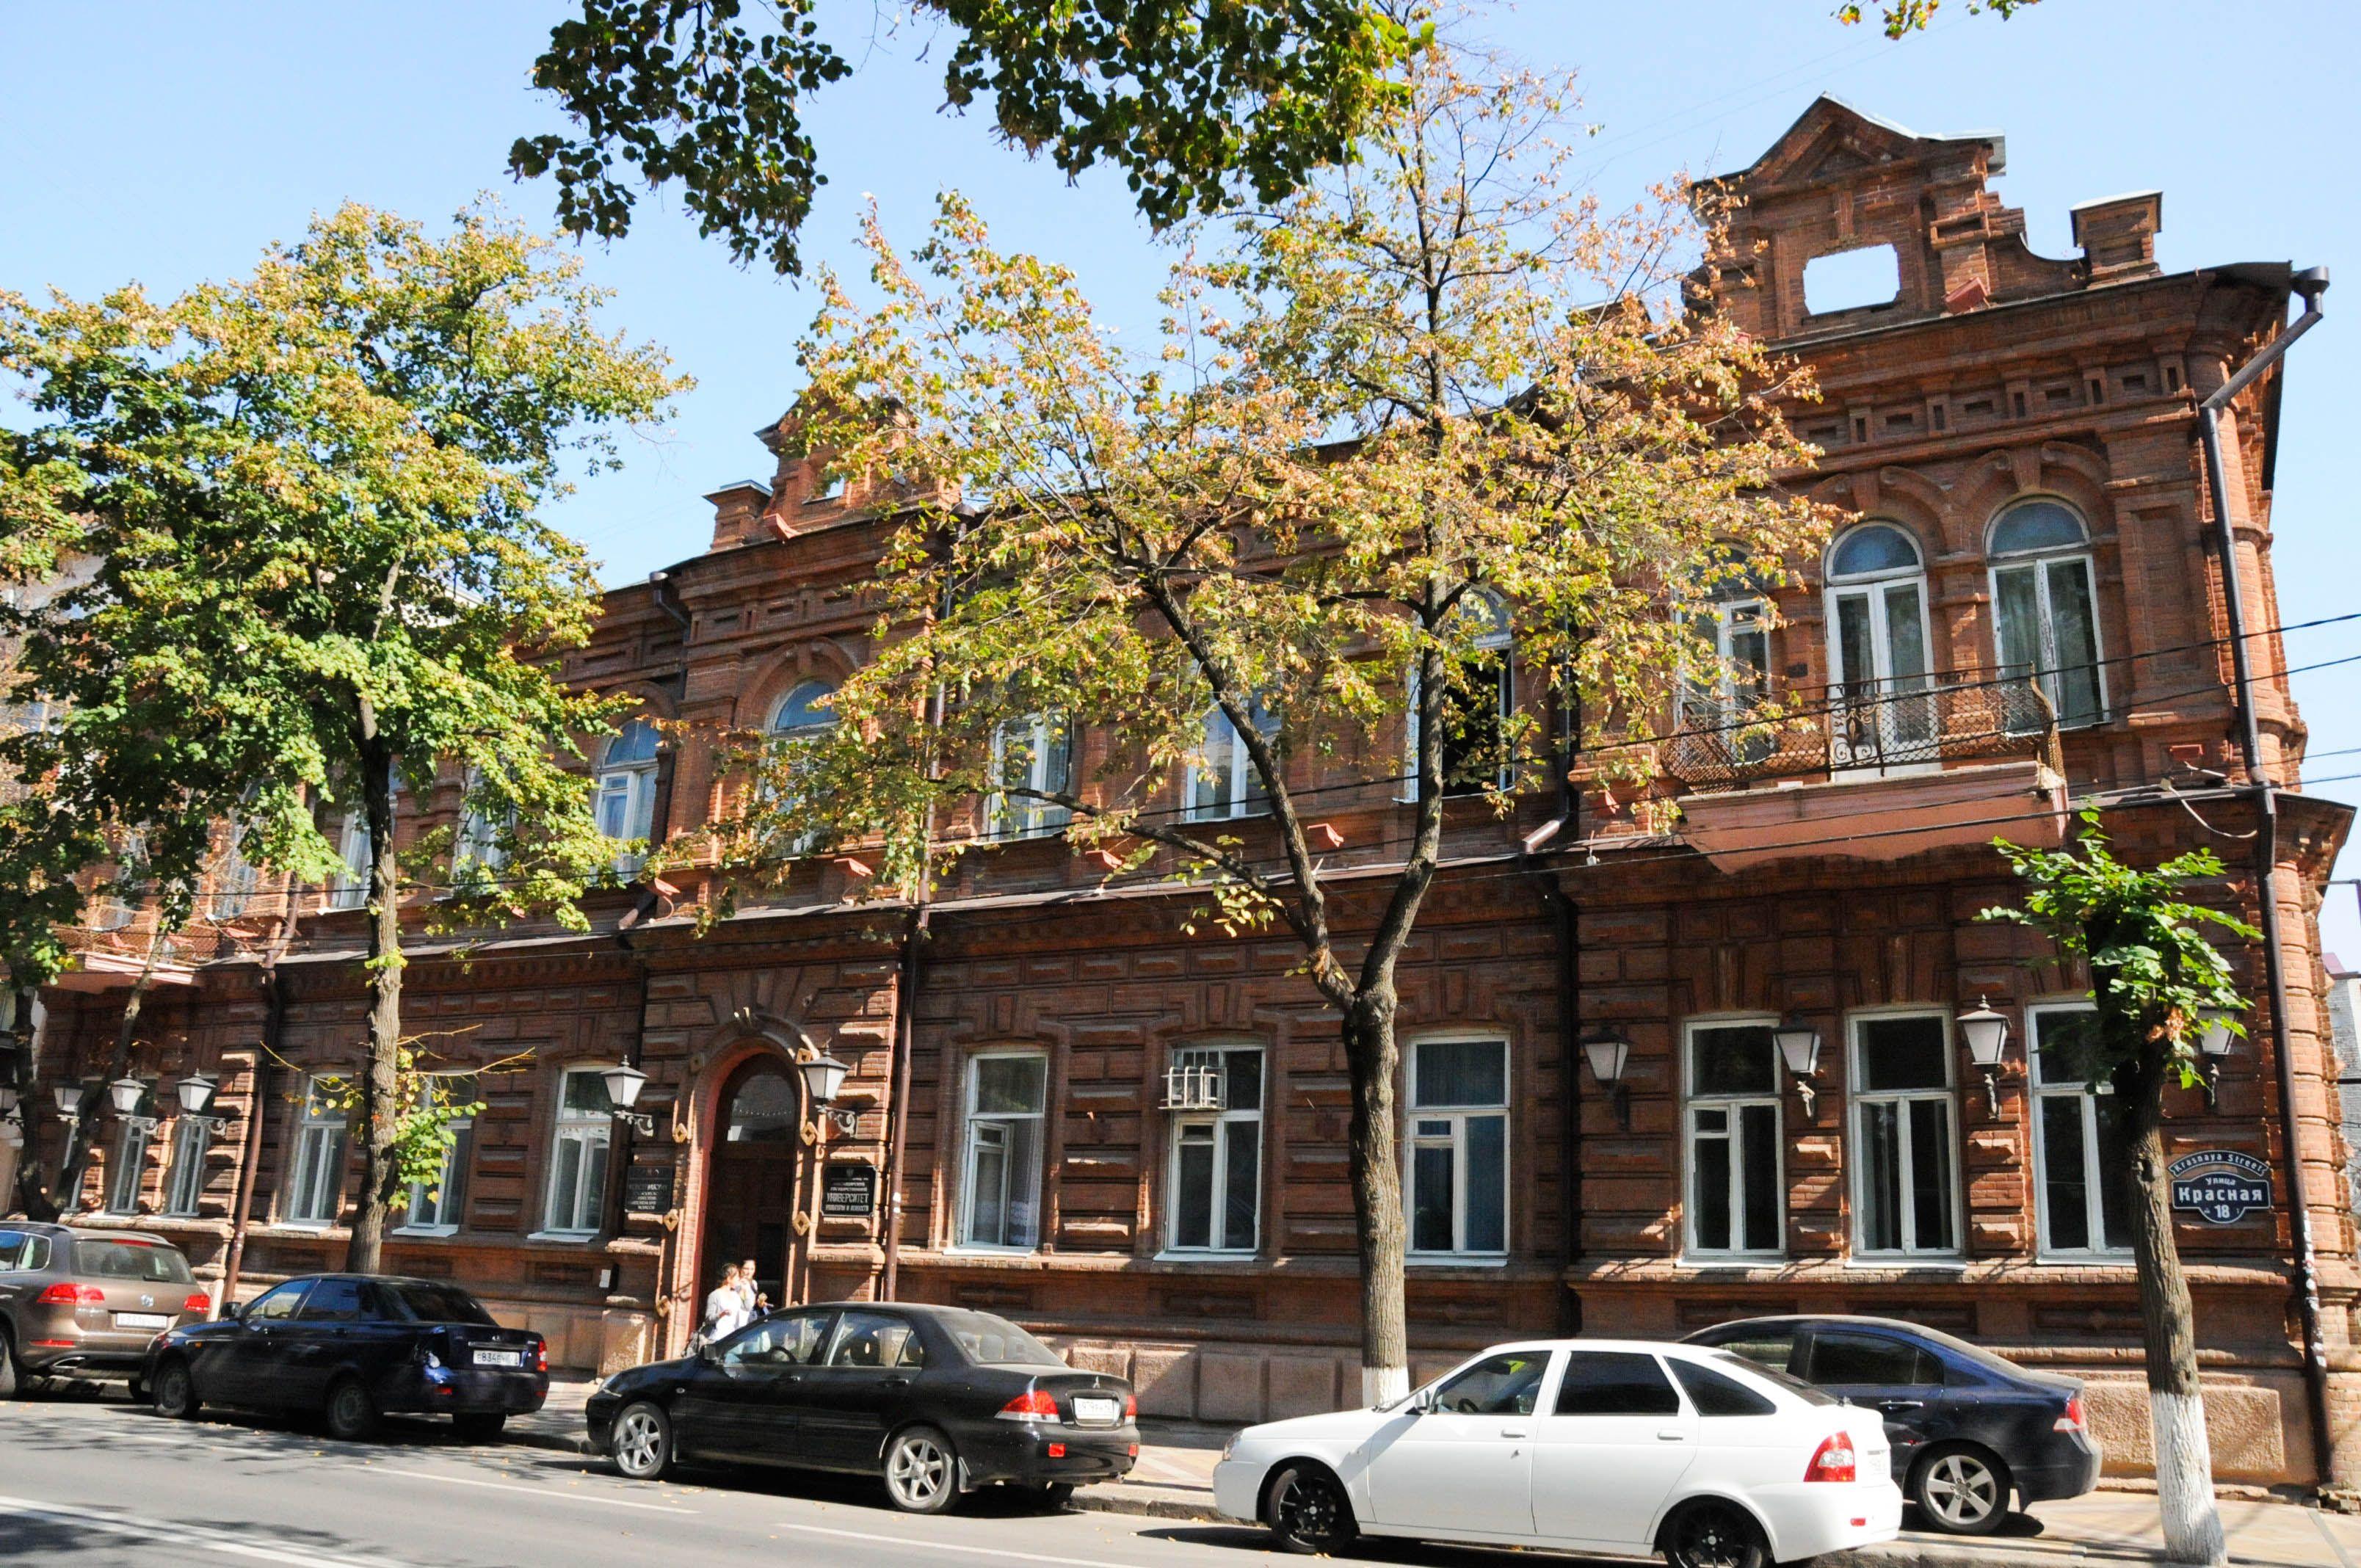 «Подрядчик исправит недостатки реконструкции дома купца Никитина» вКраснодаре